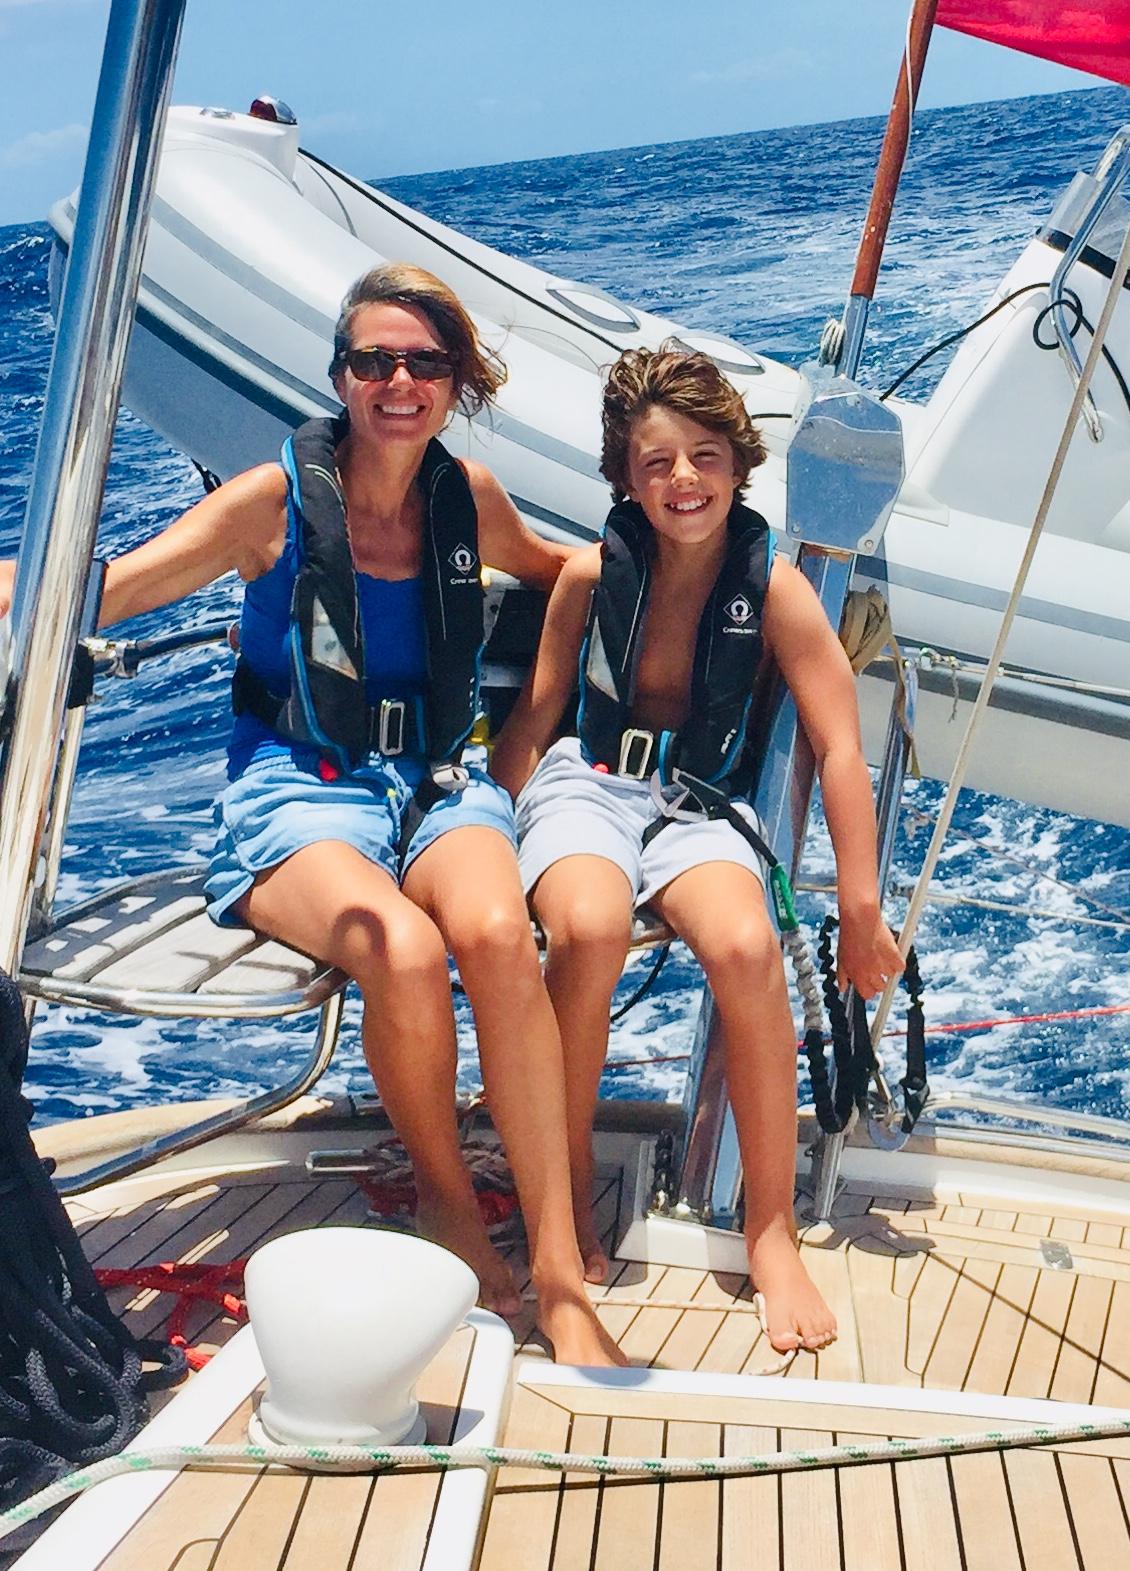 Sailing feels good